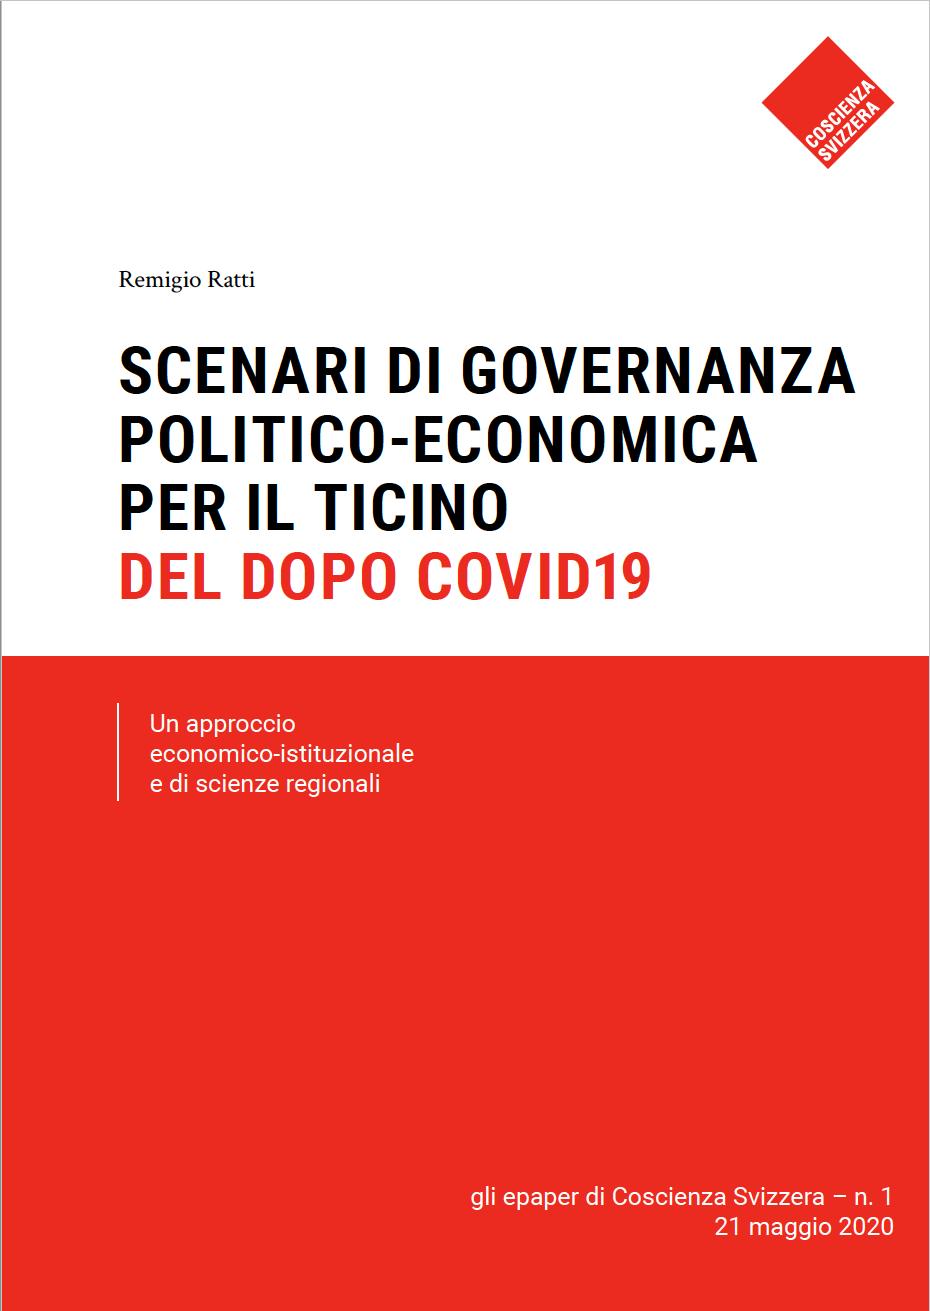 Scenari di governanza politico-economica per il Ticino del dopo Covid-19